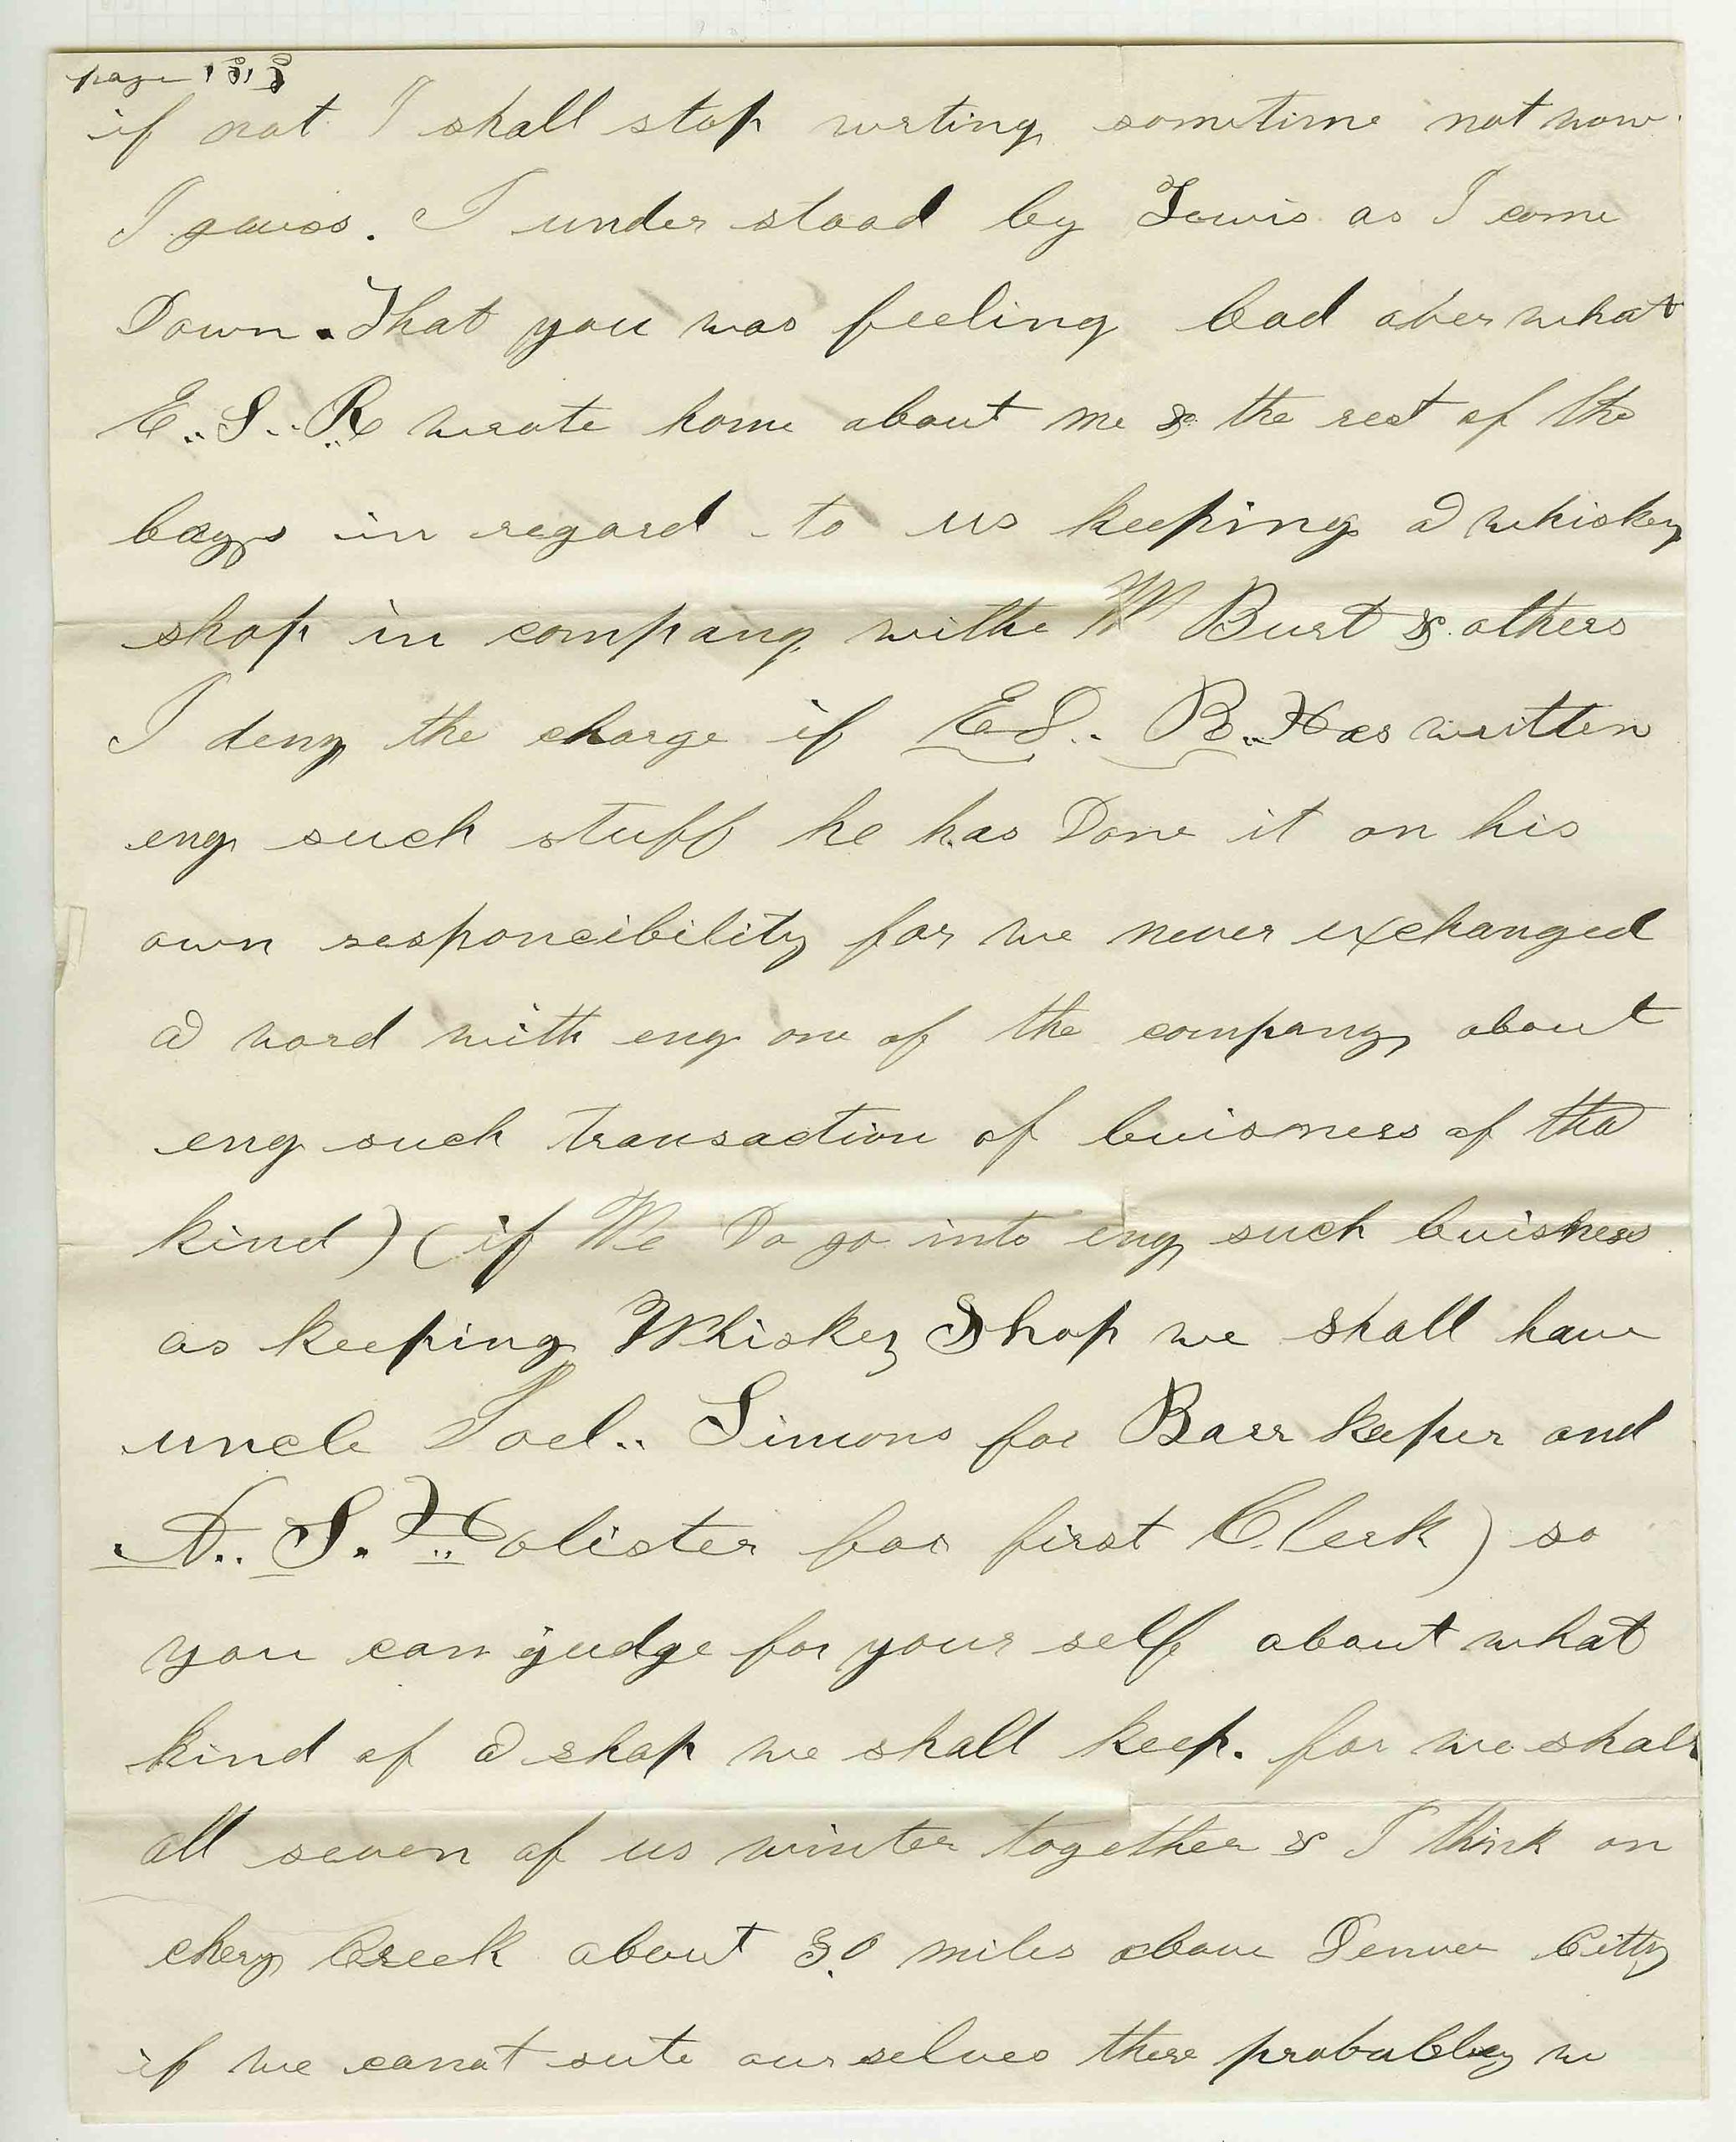 07a Auraria Letter